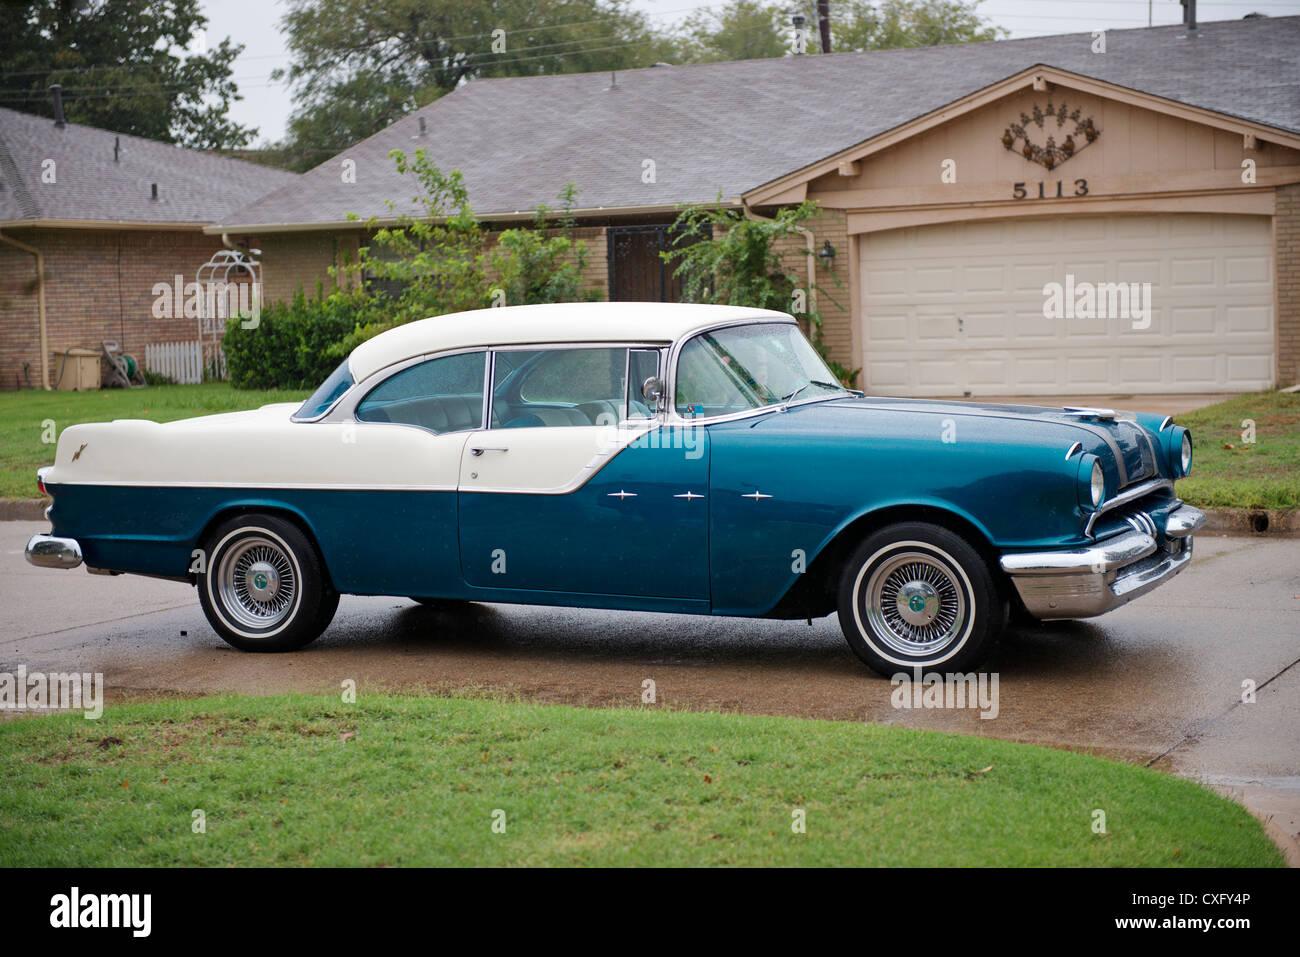 Klassiker 1955 Pontiac Star Chief 2-türiges Auto. Beifahrerseite. Stockbild